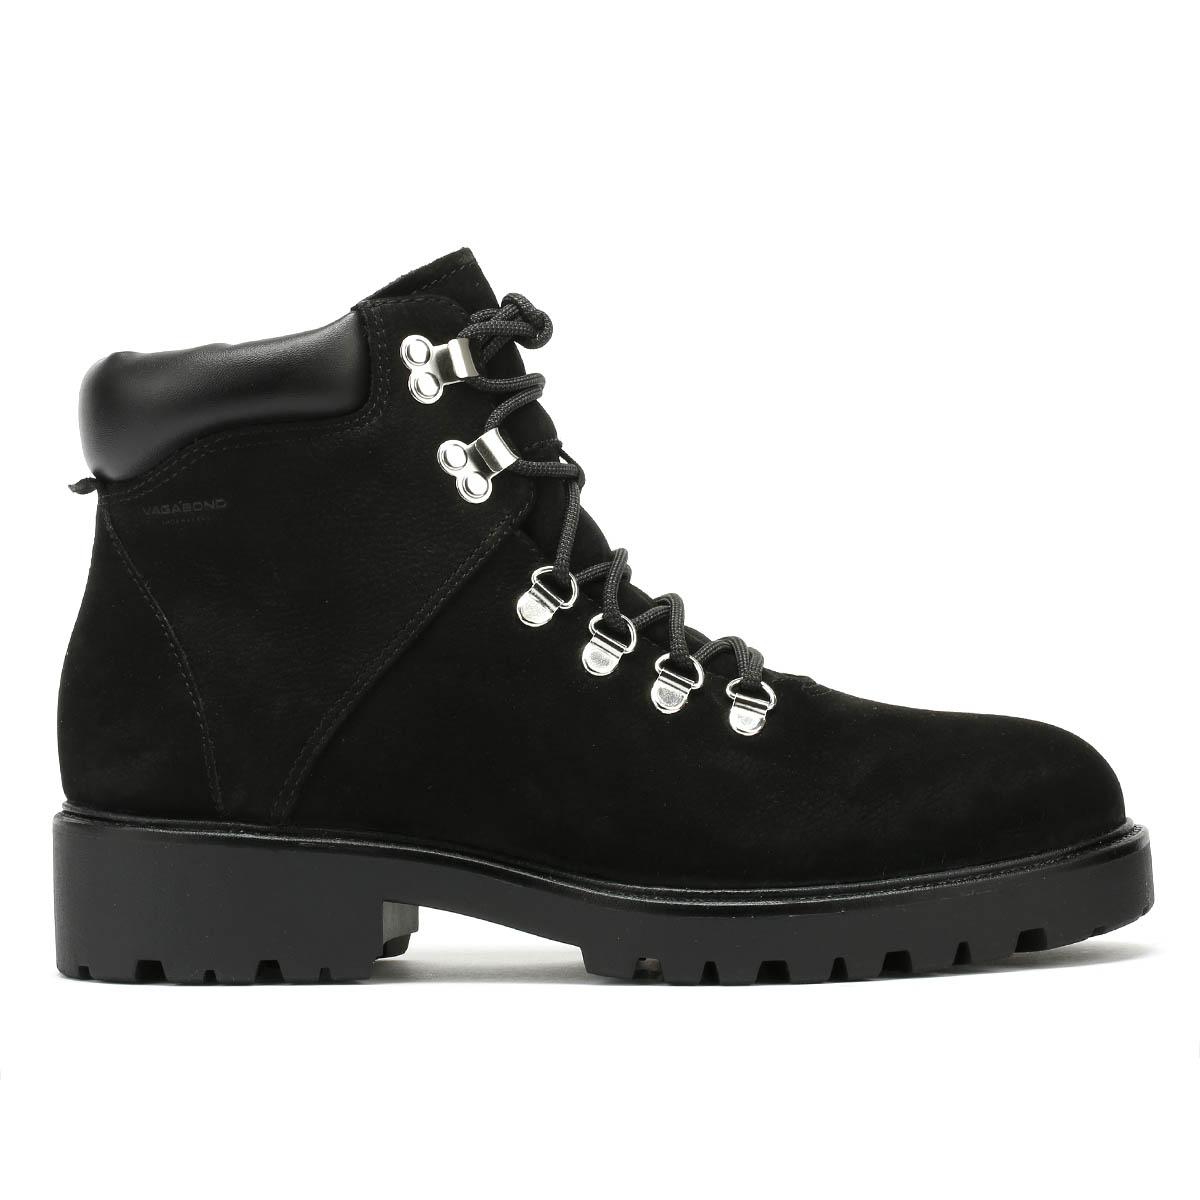 Vagabond Mujeres Cuero Nobuck Negro Kenova Botas De De Botas Invierno Zapatos Con Cordones 2eaa01